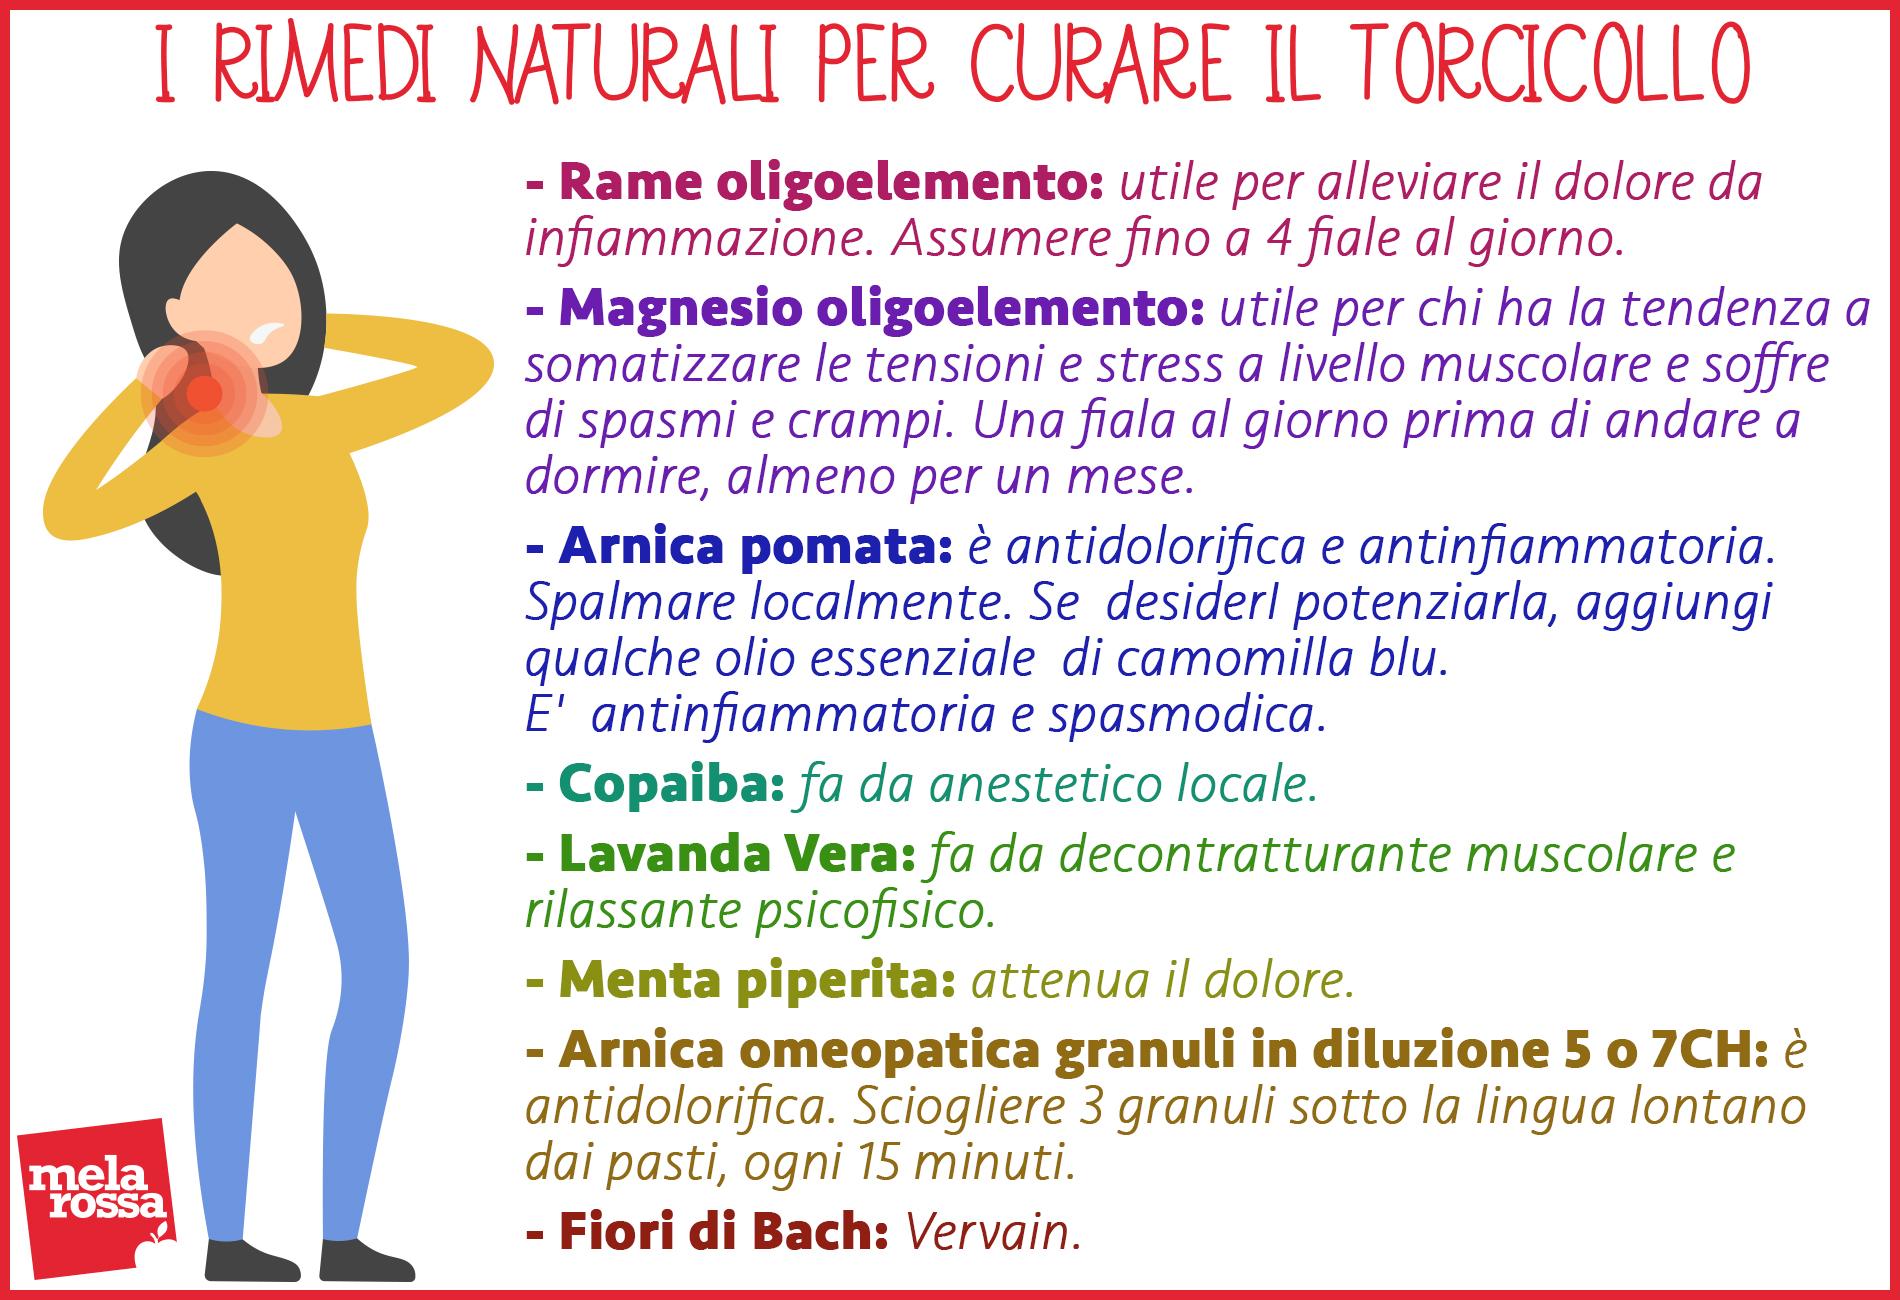 torcicollo: rimedi naturali